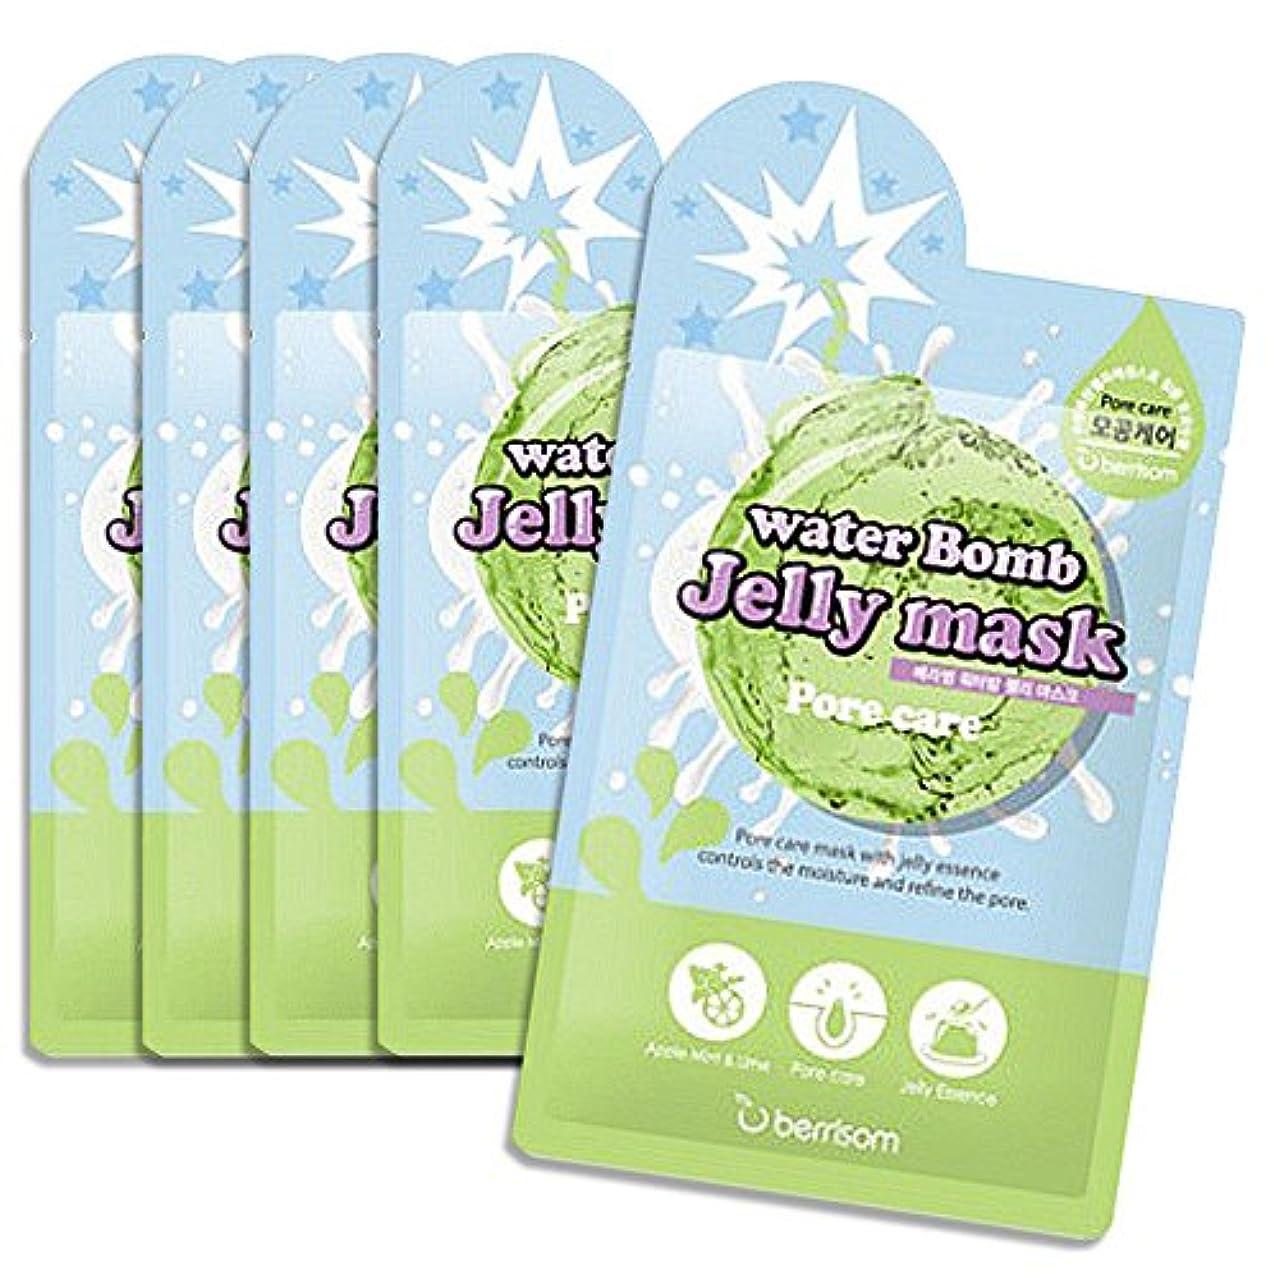 息を切らして郵便無礼にBerrisom Water Bomb Jelly Mask 33ml*5ea (pore care) [並行輸入品]